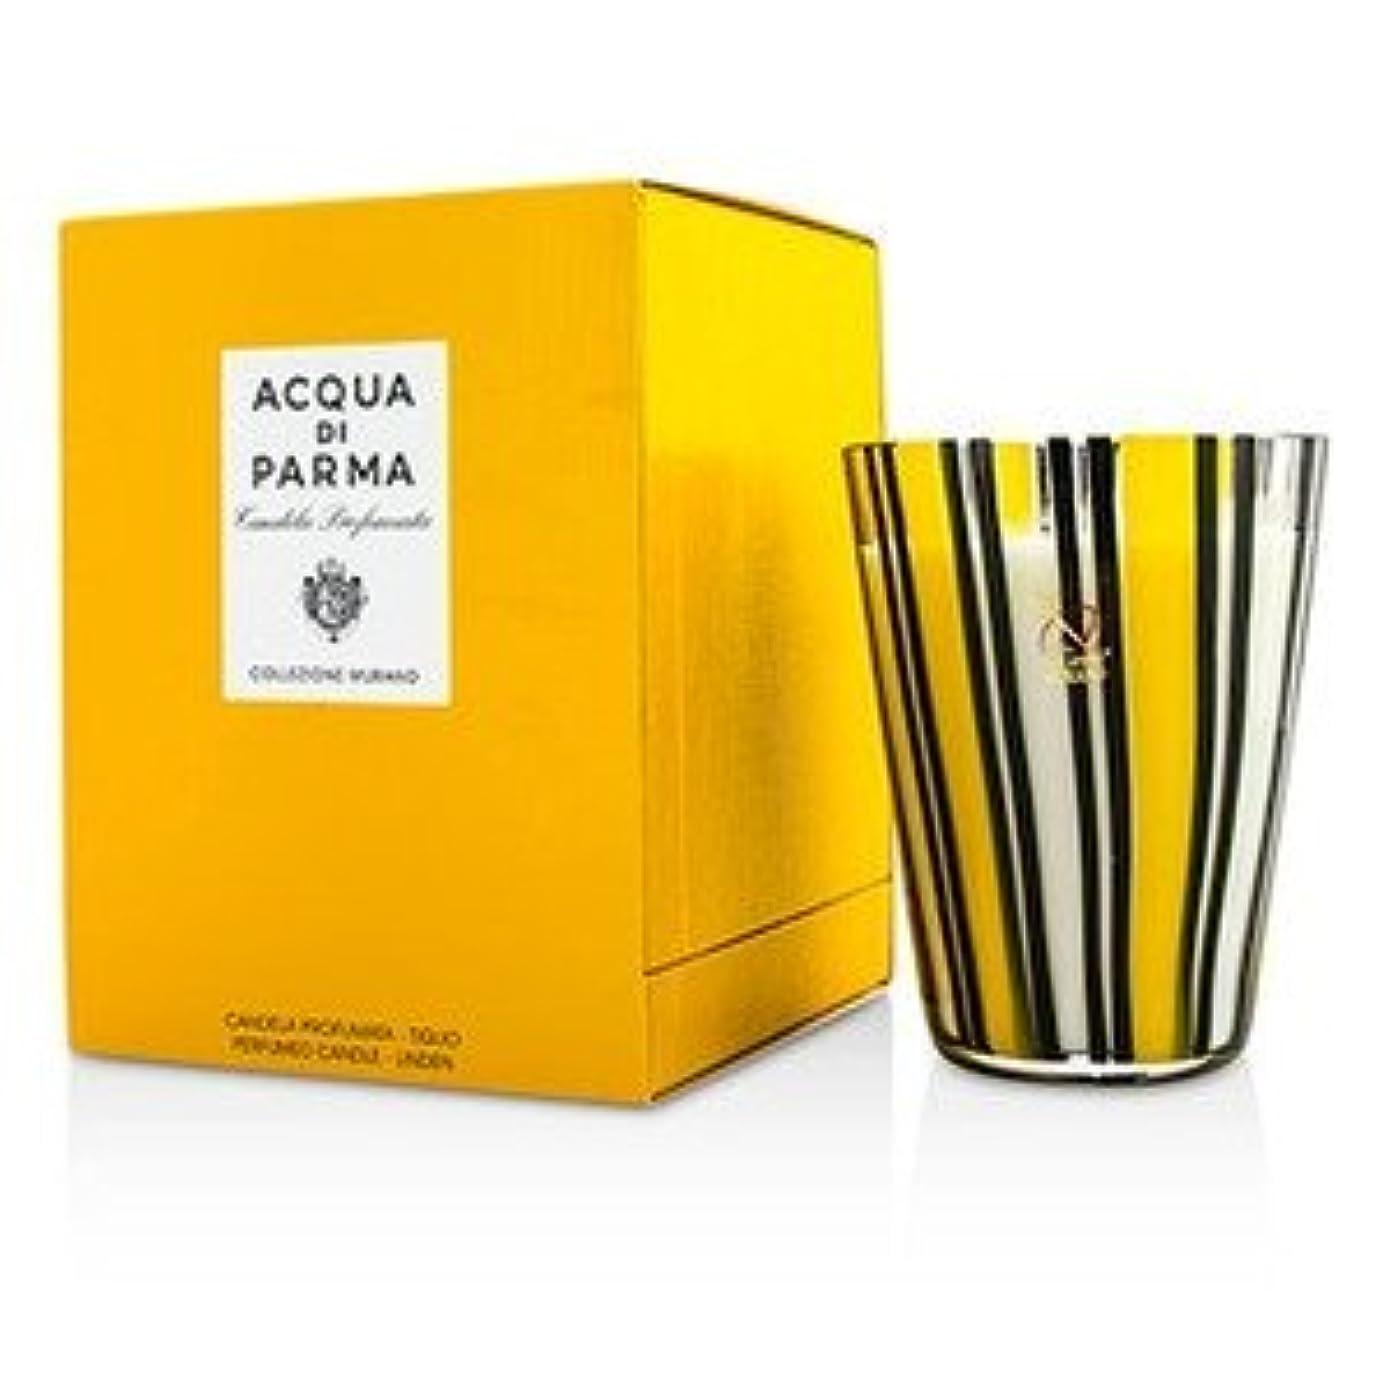 不安定なシャンパン更新するアクア ディ パルマ[Acqua Di Parma] ムラノ グラス パフューム キャンドル - Tiglio(Linen) 200g/7.05oz [並行輸入品]